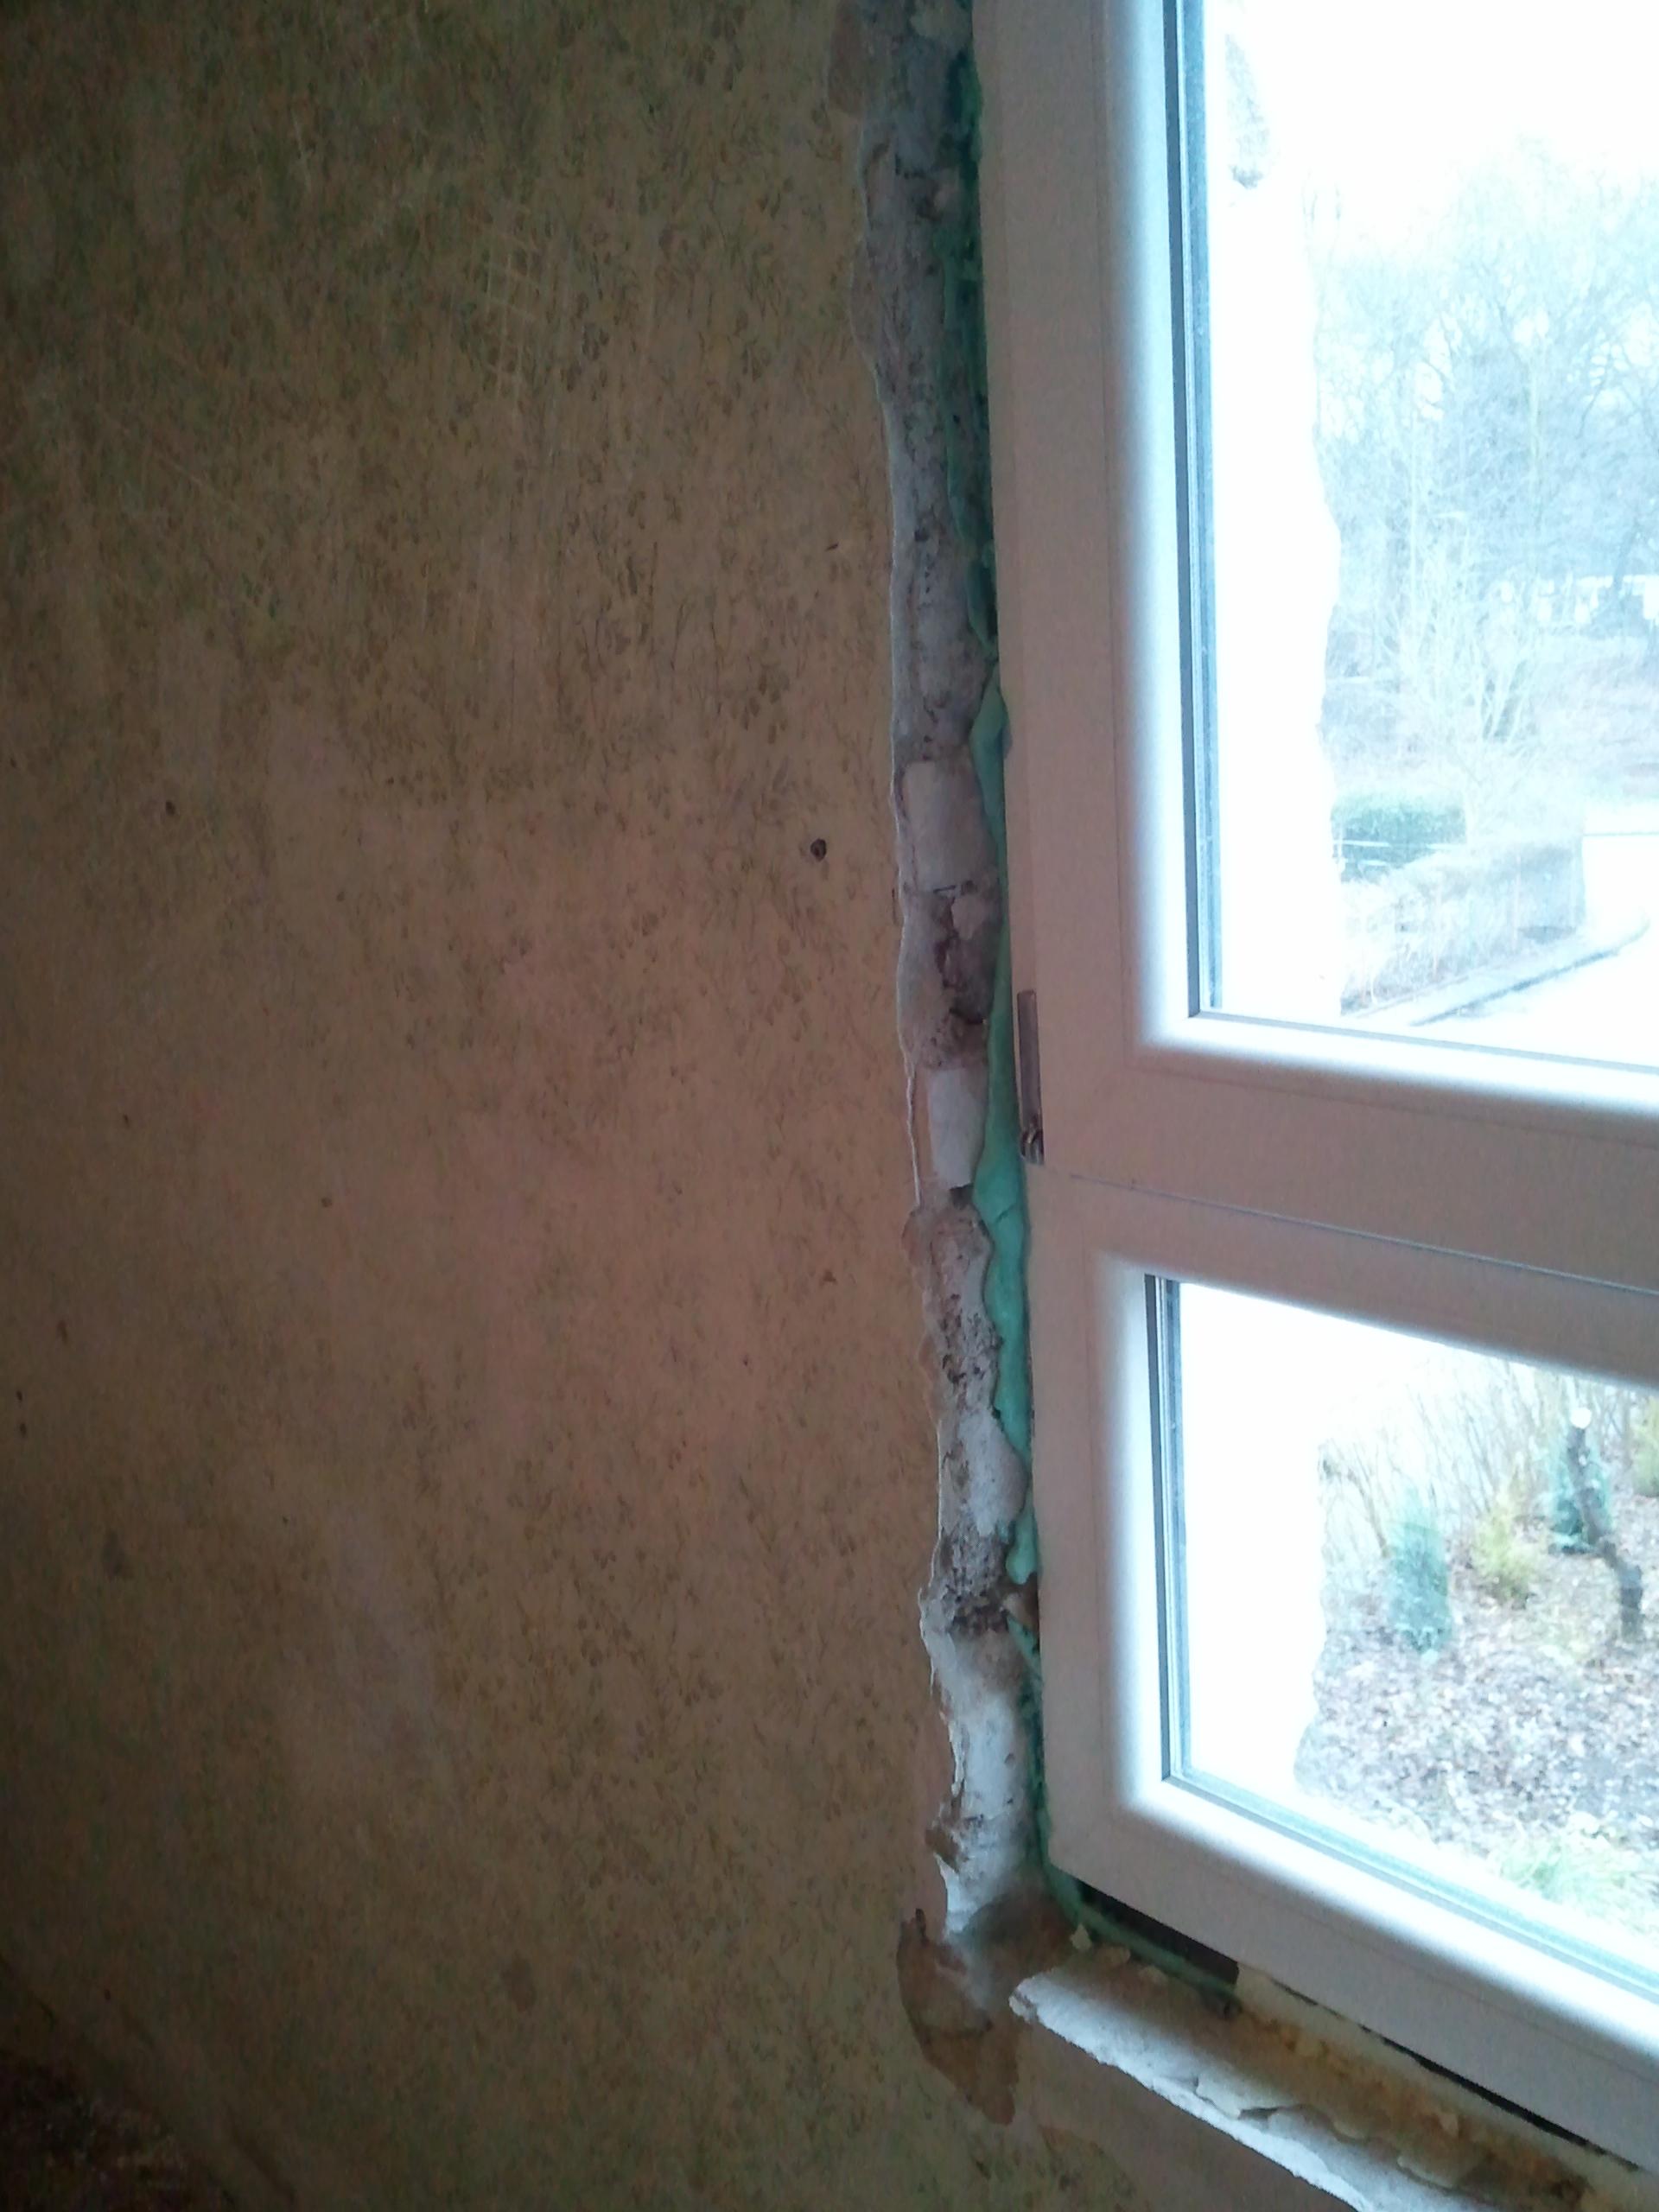 Gut bekannt Fensterlaibung beiputzen von innen   Selbst.de DIY Forum NT68